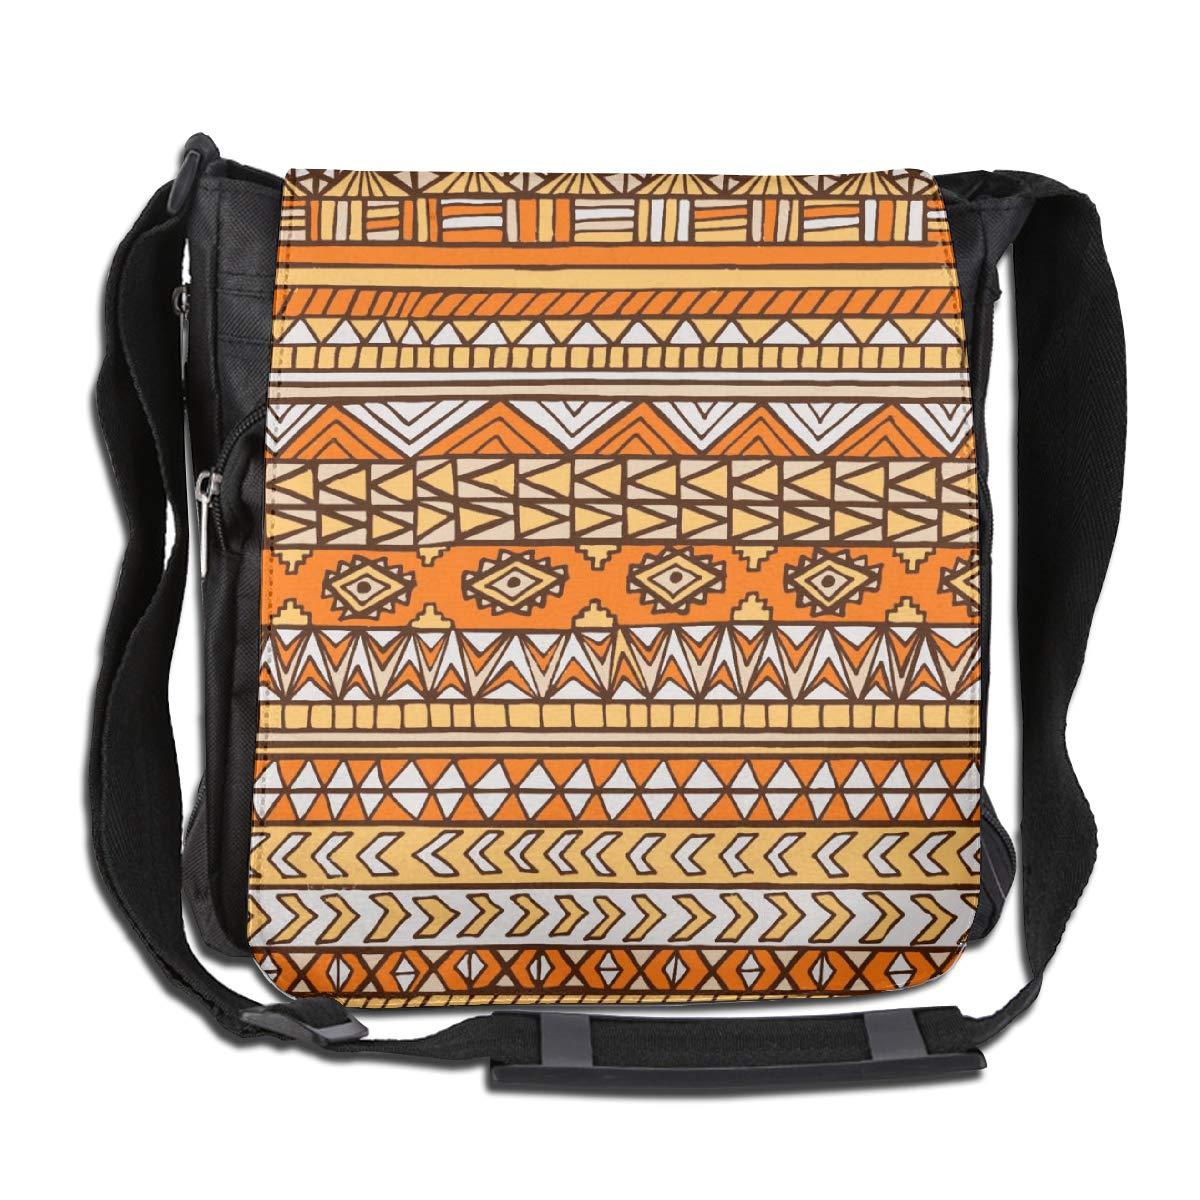 Aztec Maya Ethnic Men Women Casual Satchel Messenger Bags Crossbody Sling Working Bag Travel Shoulder Bags Office//School